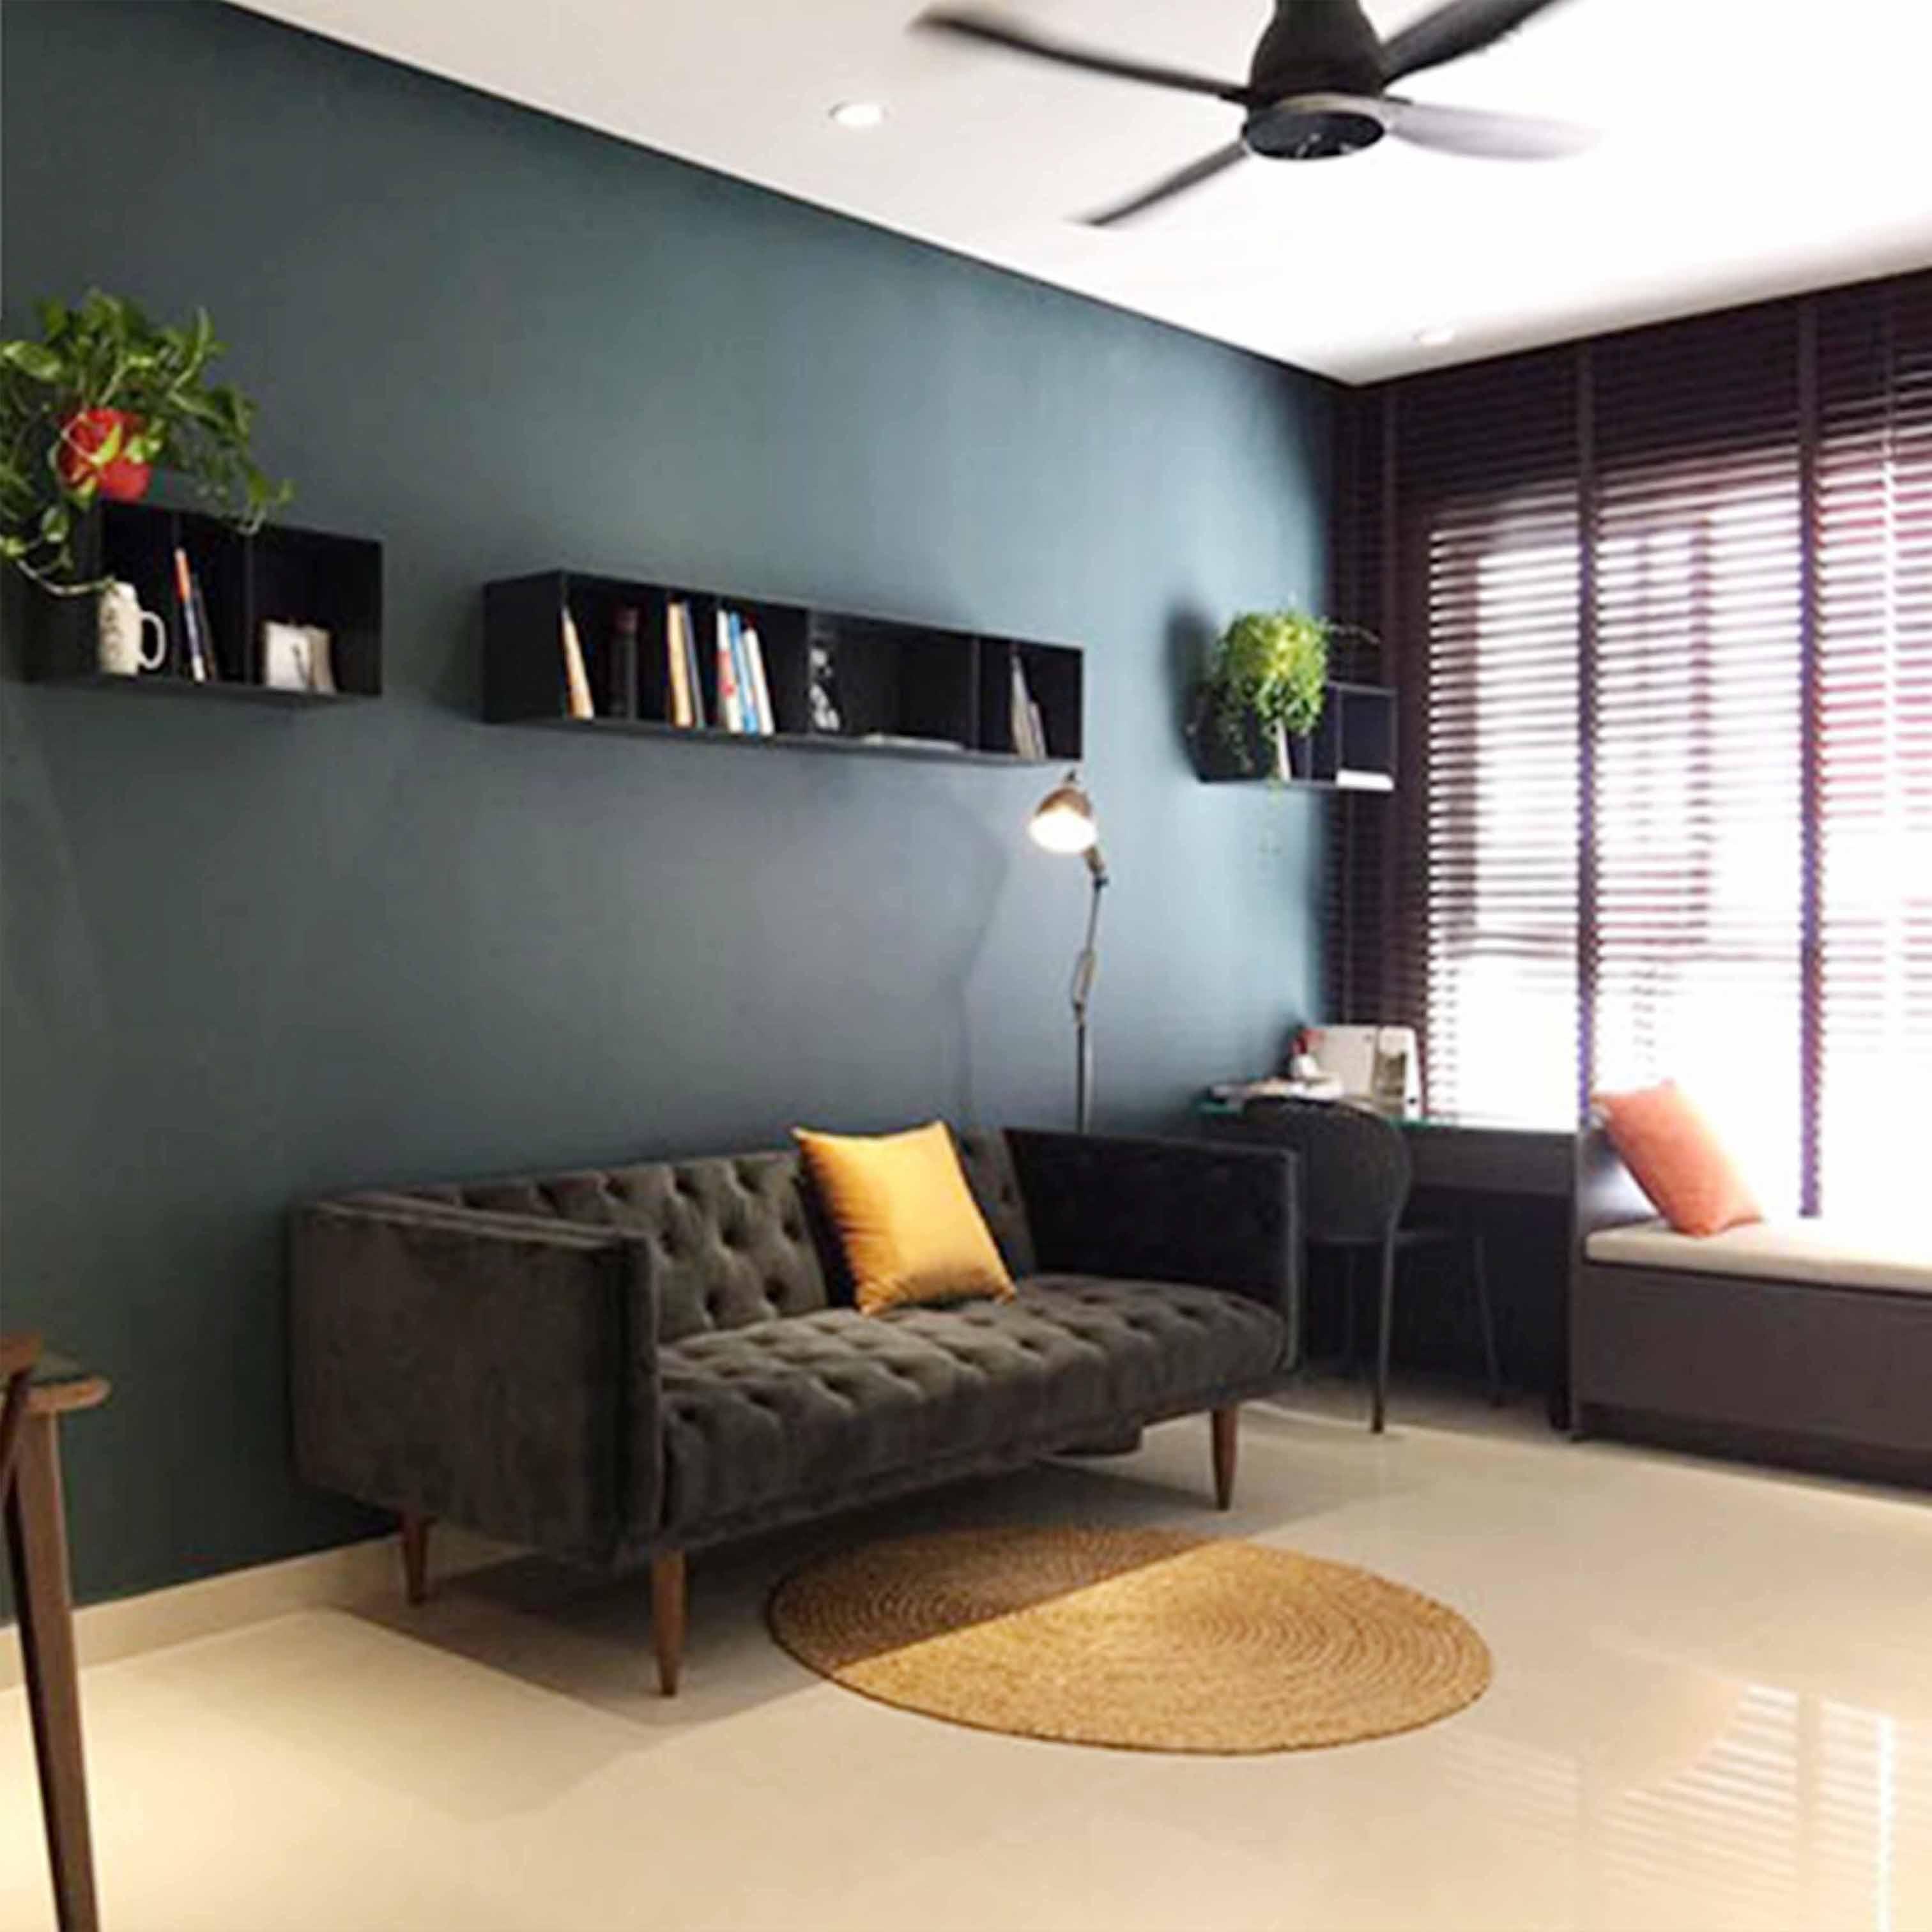 Thiết kế thi công căn hộ tại Hoàng Mai, Hà Nội - TK20LHFU